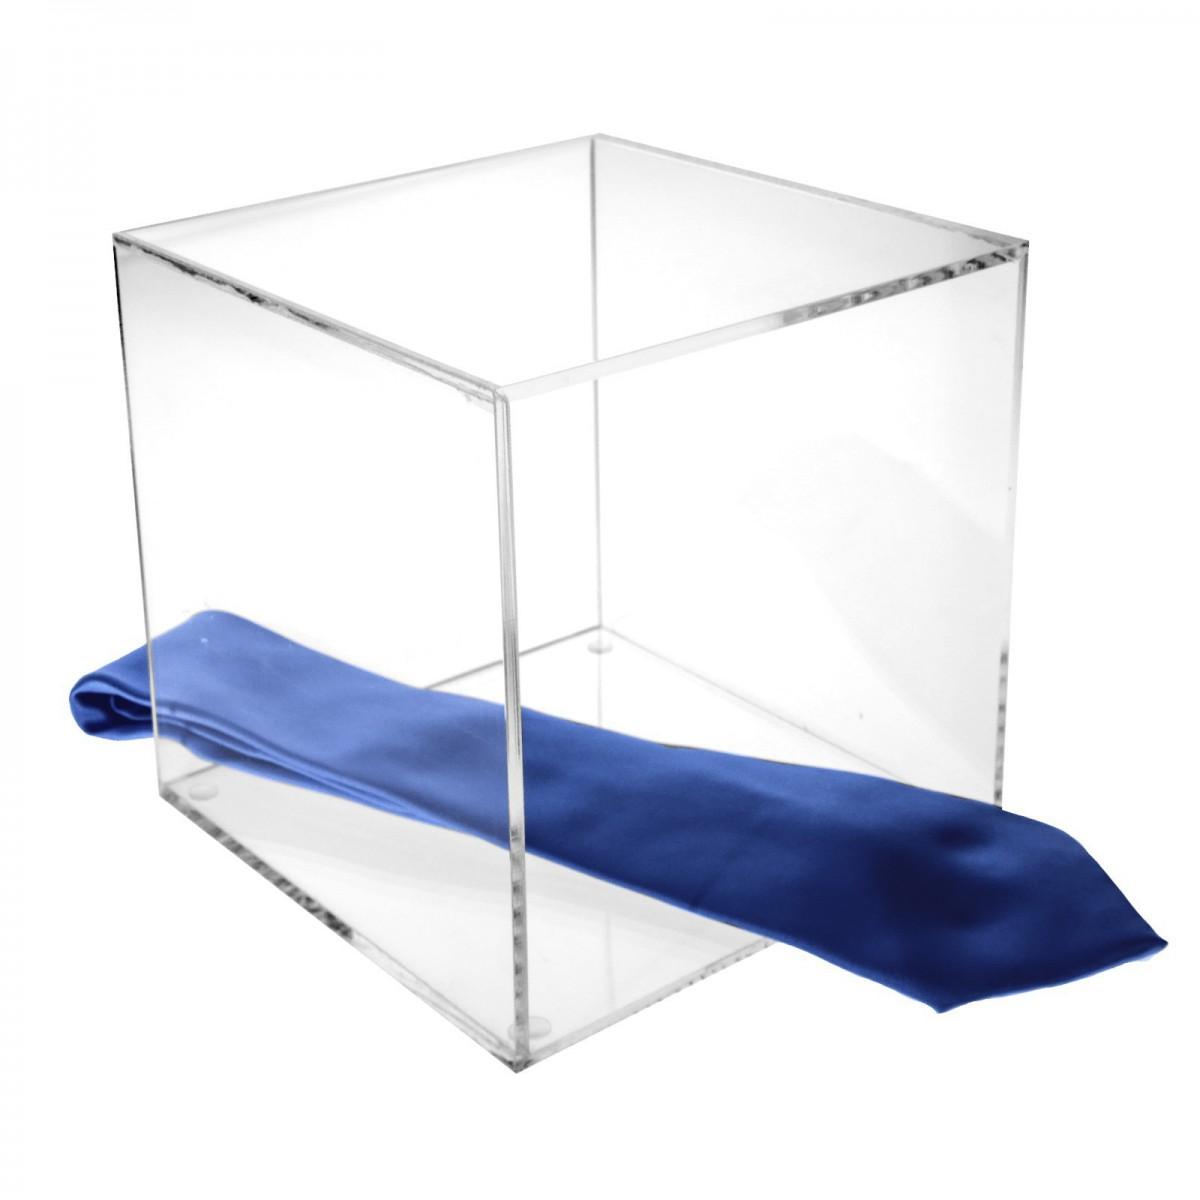 Cubo expositor en plexiglás transparente